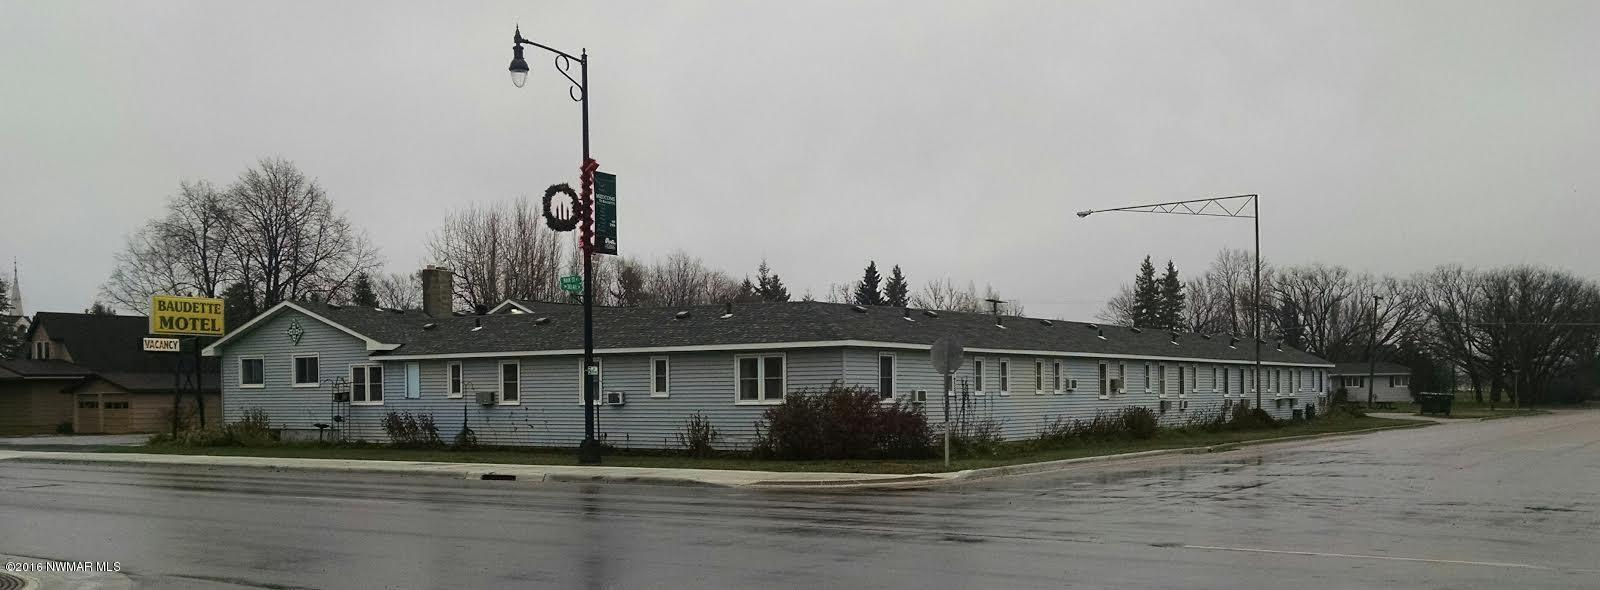 309 Main Street W, Baudette, MN 56623